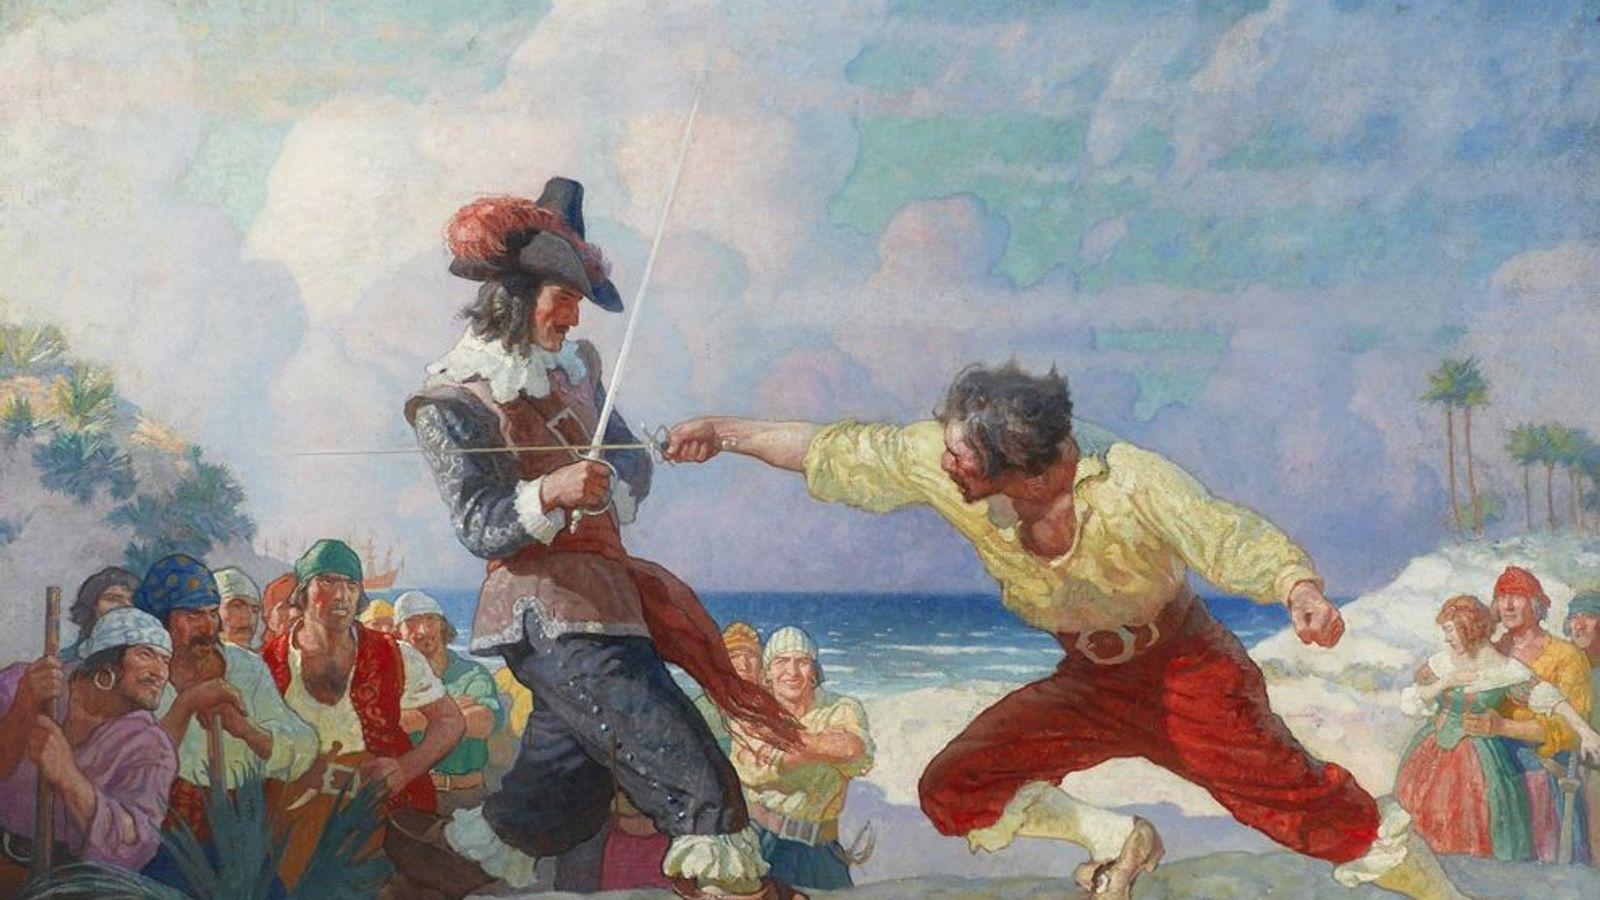 Le duel sur la plage Cette peinture, de l'artiste américain N.C.Wyeth, a été achevée en 1926 et ...